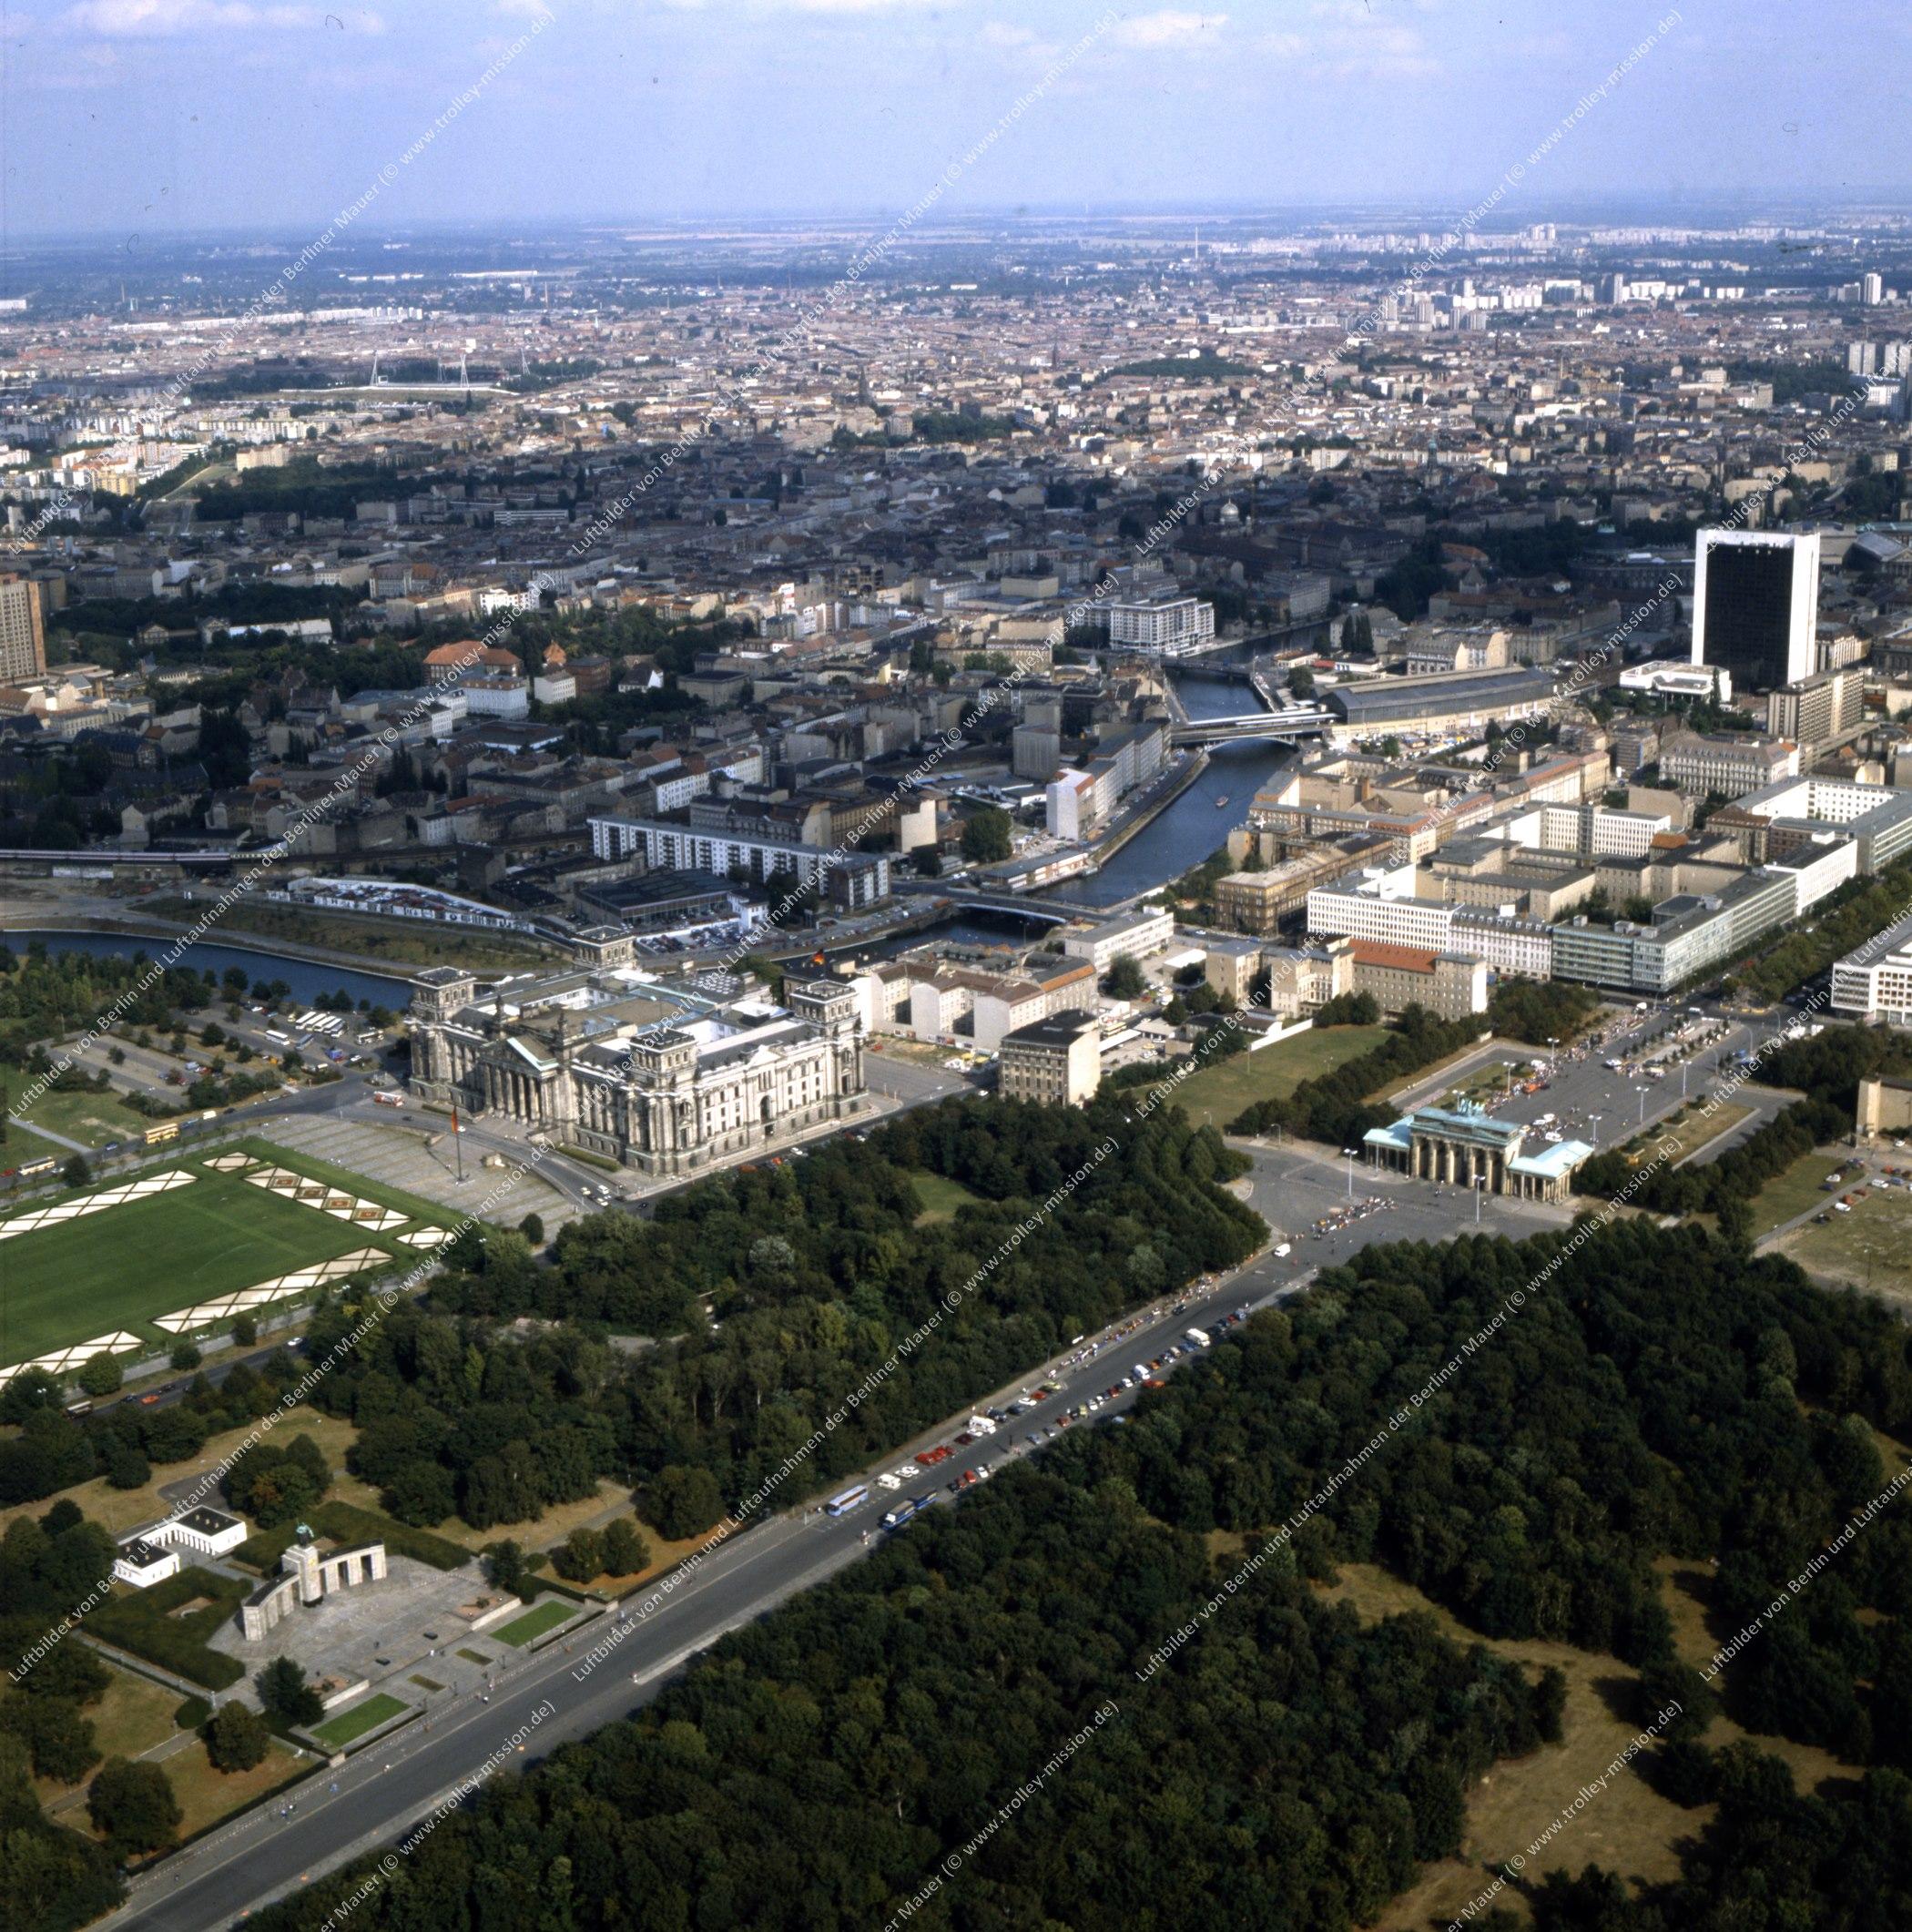 Brandenburger Tor und Reichstag - Rundflug (Luftbild) nach der deutschen Wiedervereinigung (Bild 136)